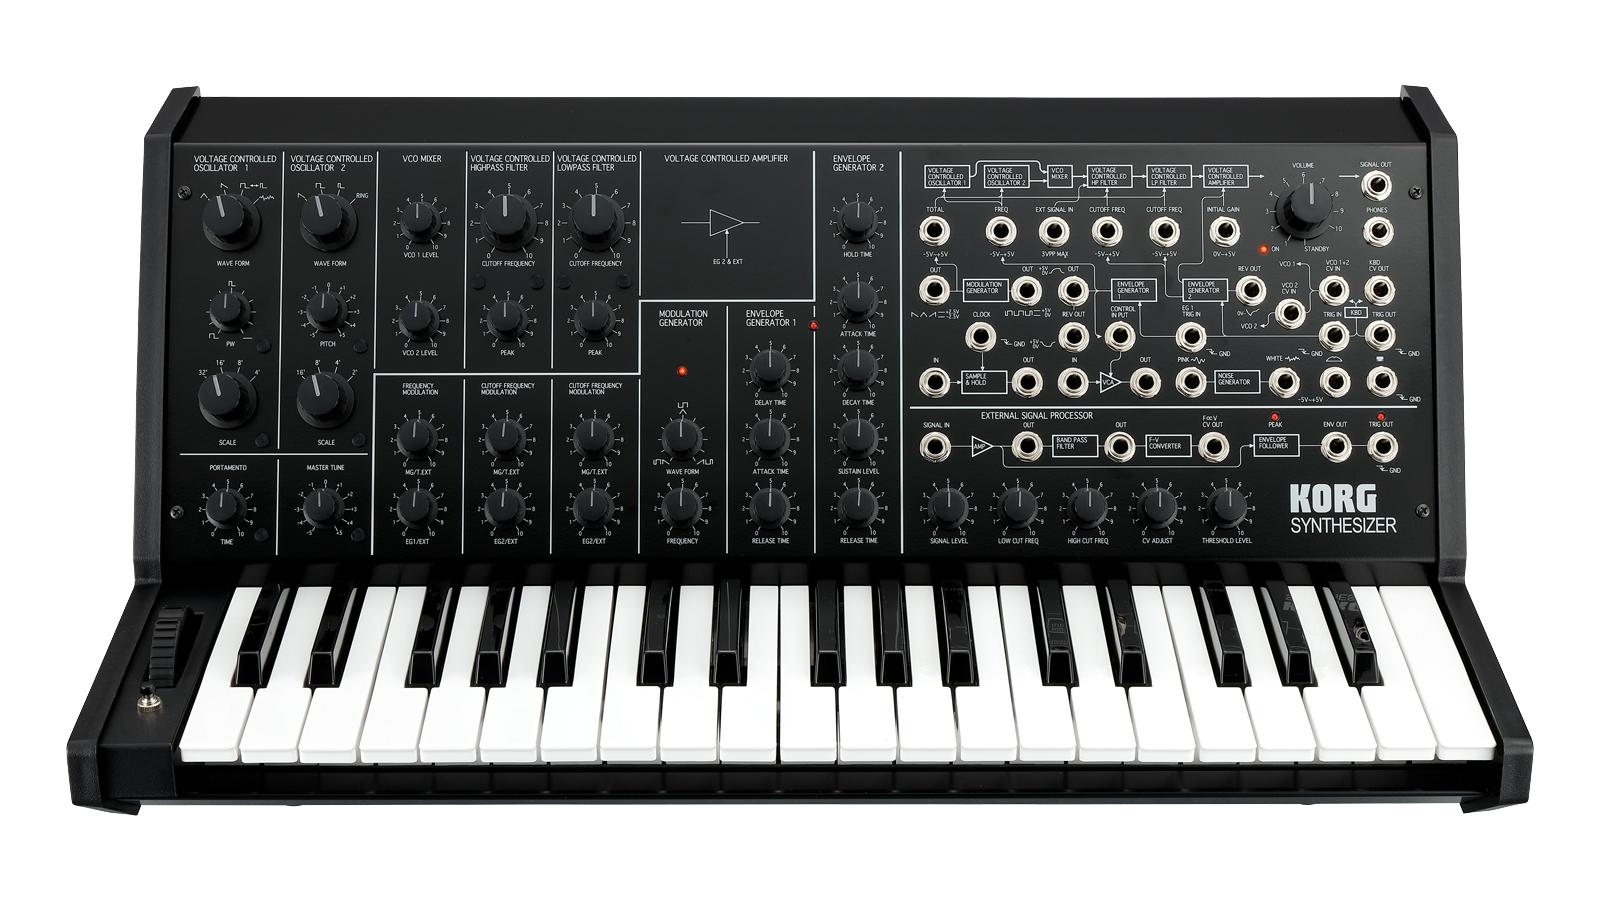 Korg MS-20 analog schwarz Ltd. 37 Tasten